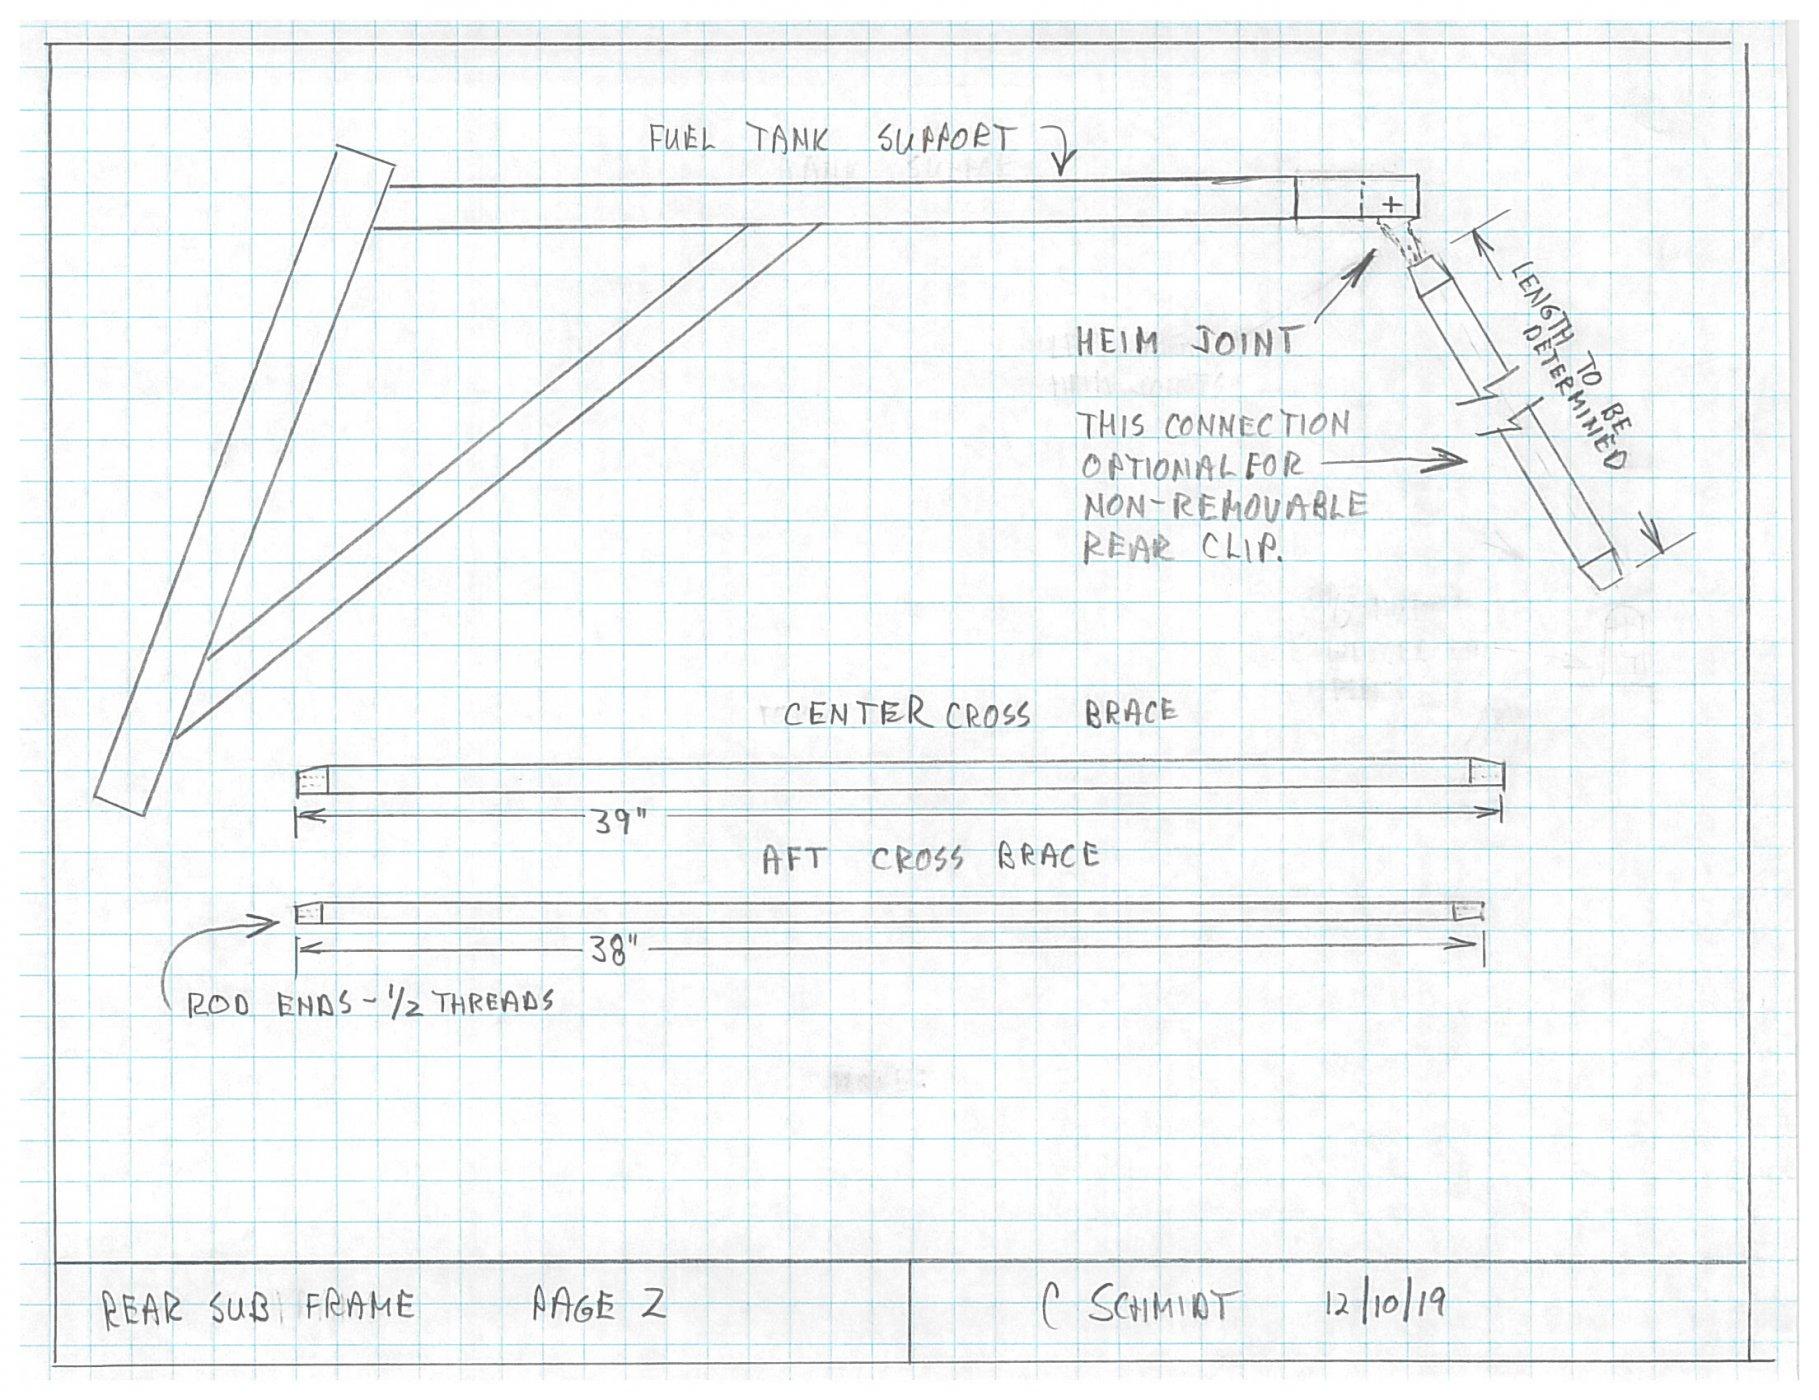 Rear Sub Frame p2.jpg